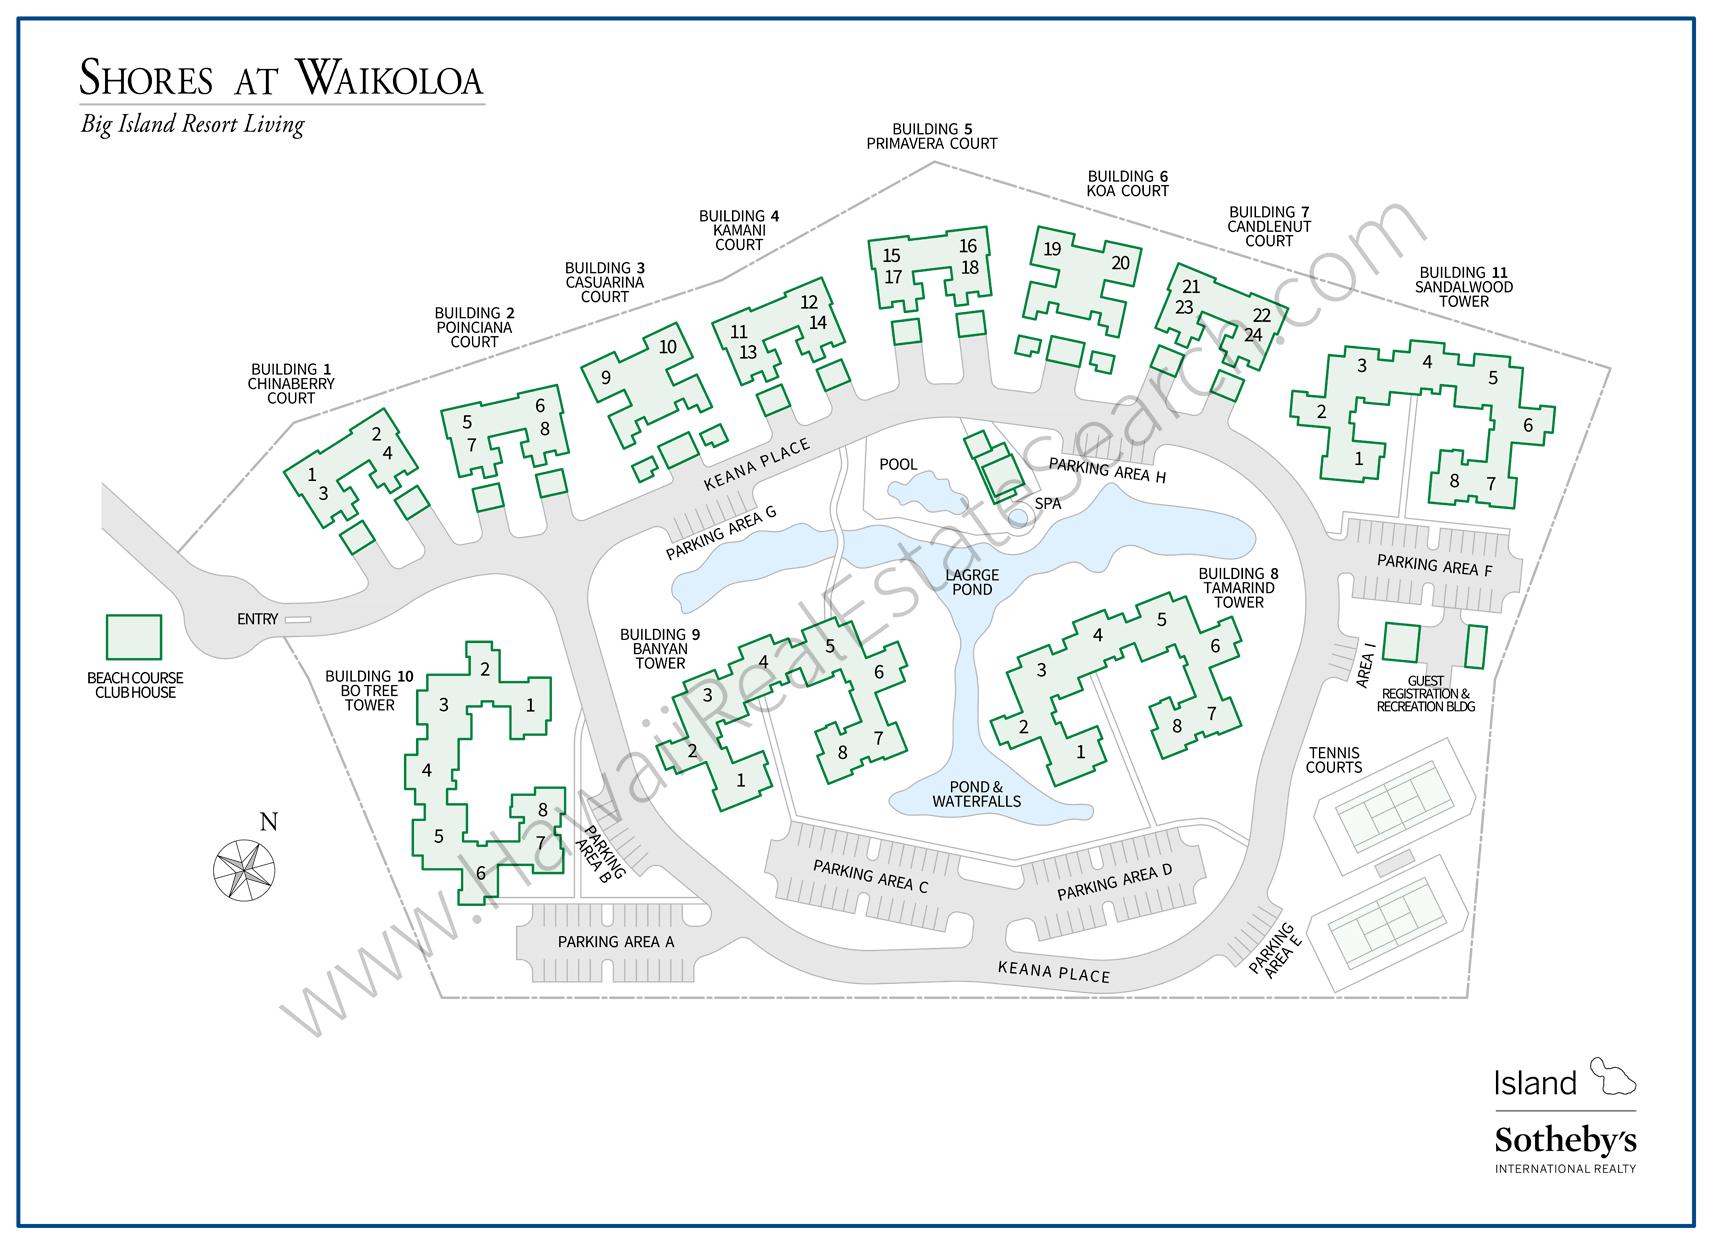 Shores At Waikoloa Beach Resort Condos For Sale